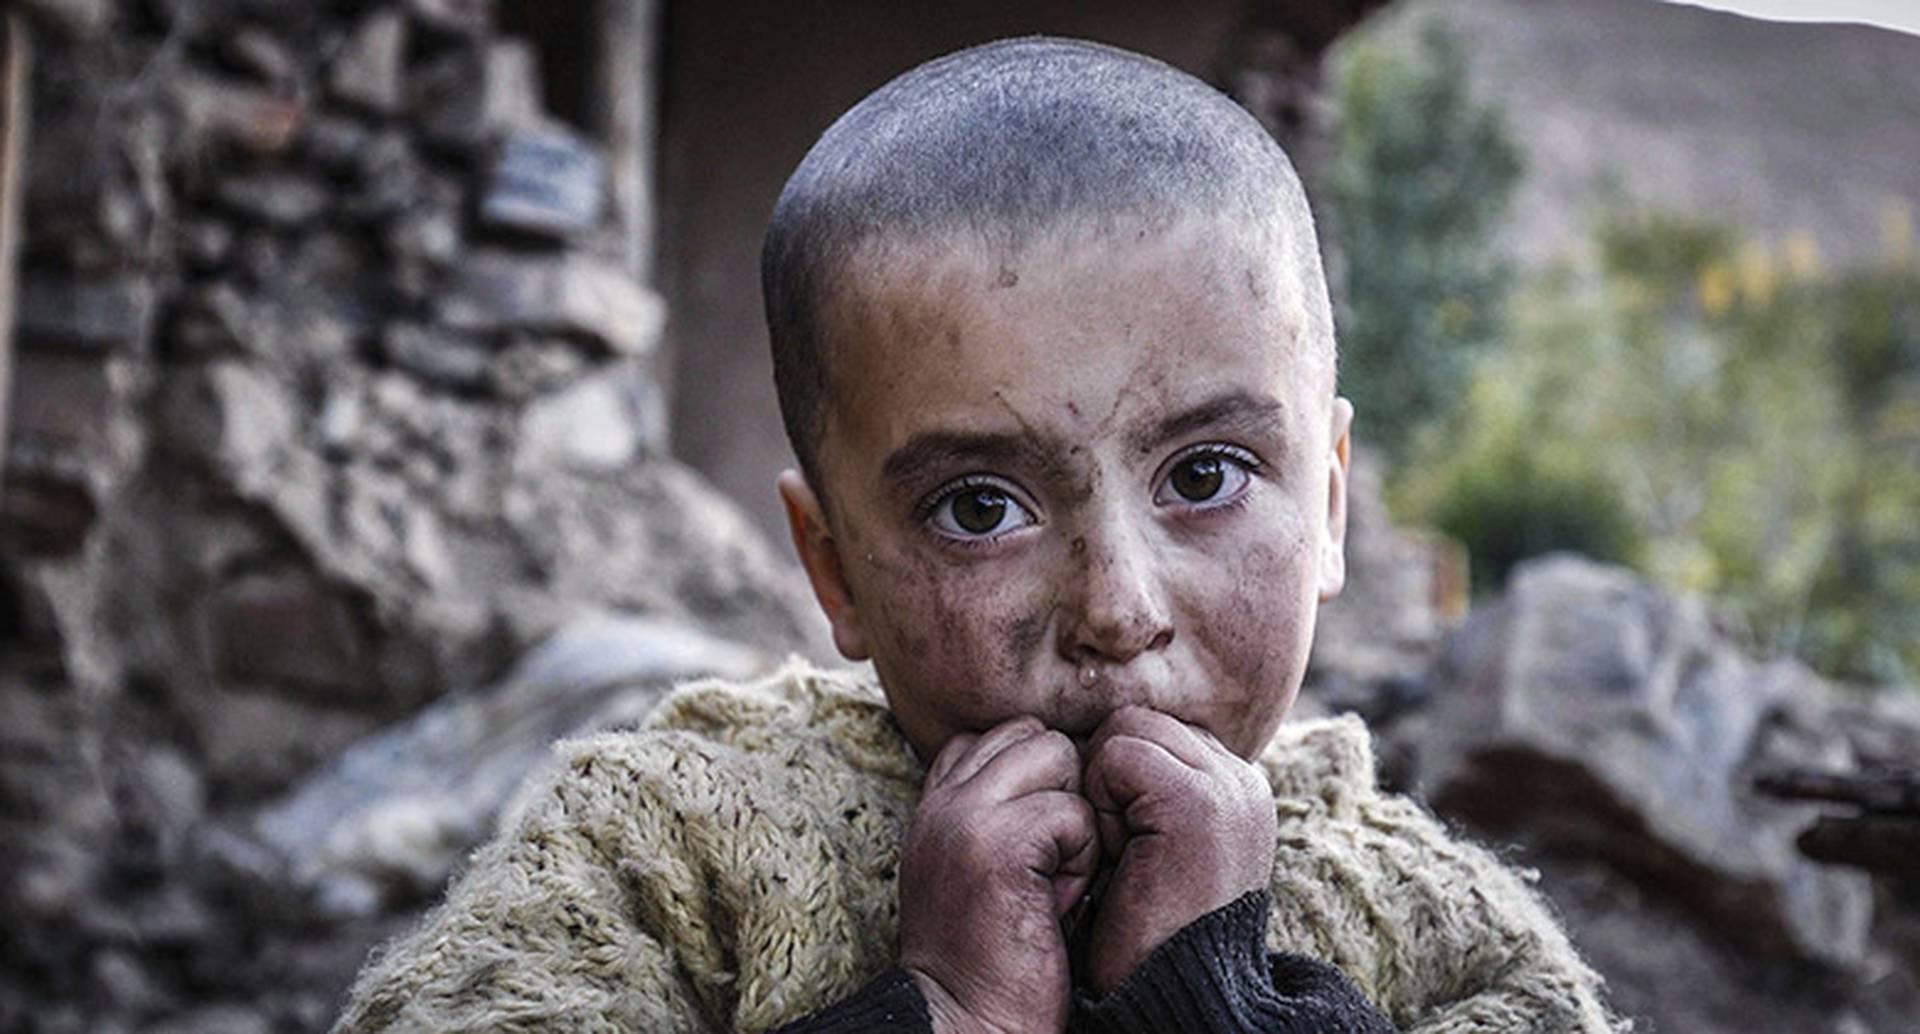 Los niños son los que más han sufrido la guerra en Afganistán. Una generación entera ha crecido entre bombas y balas de metralleta.